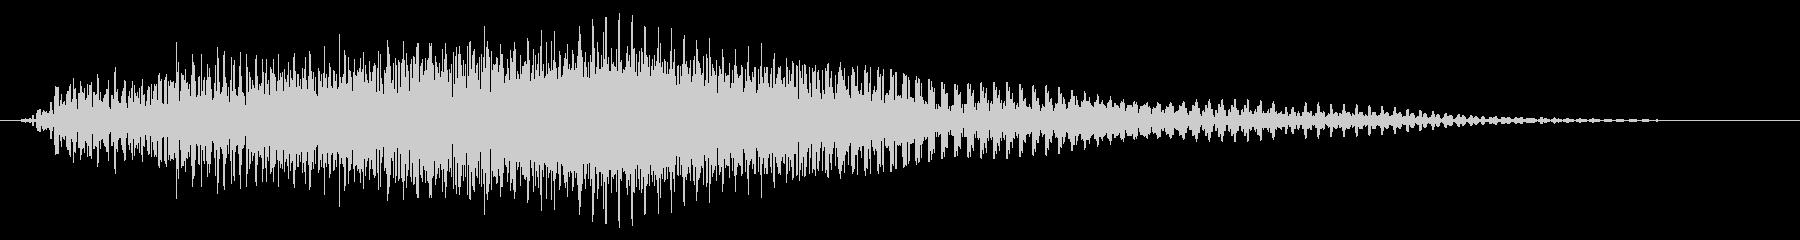 ショートドラマティックシンセドロー...の未再生の波形